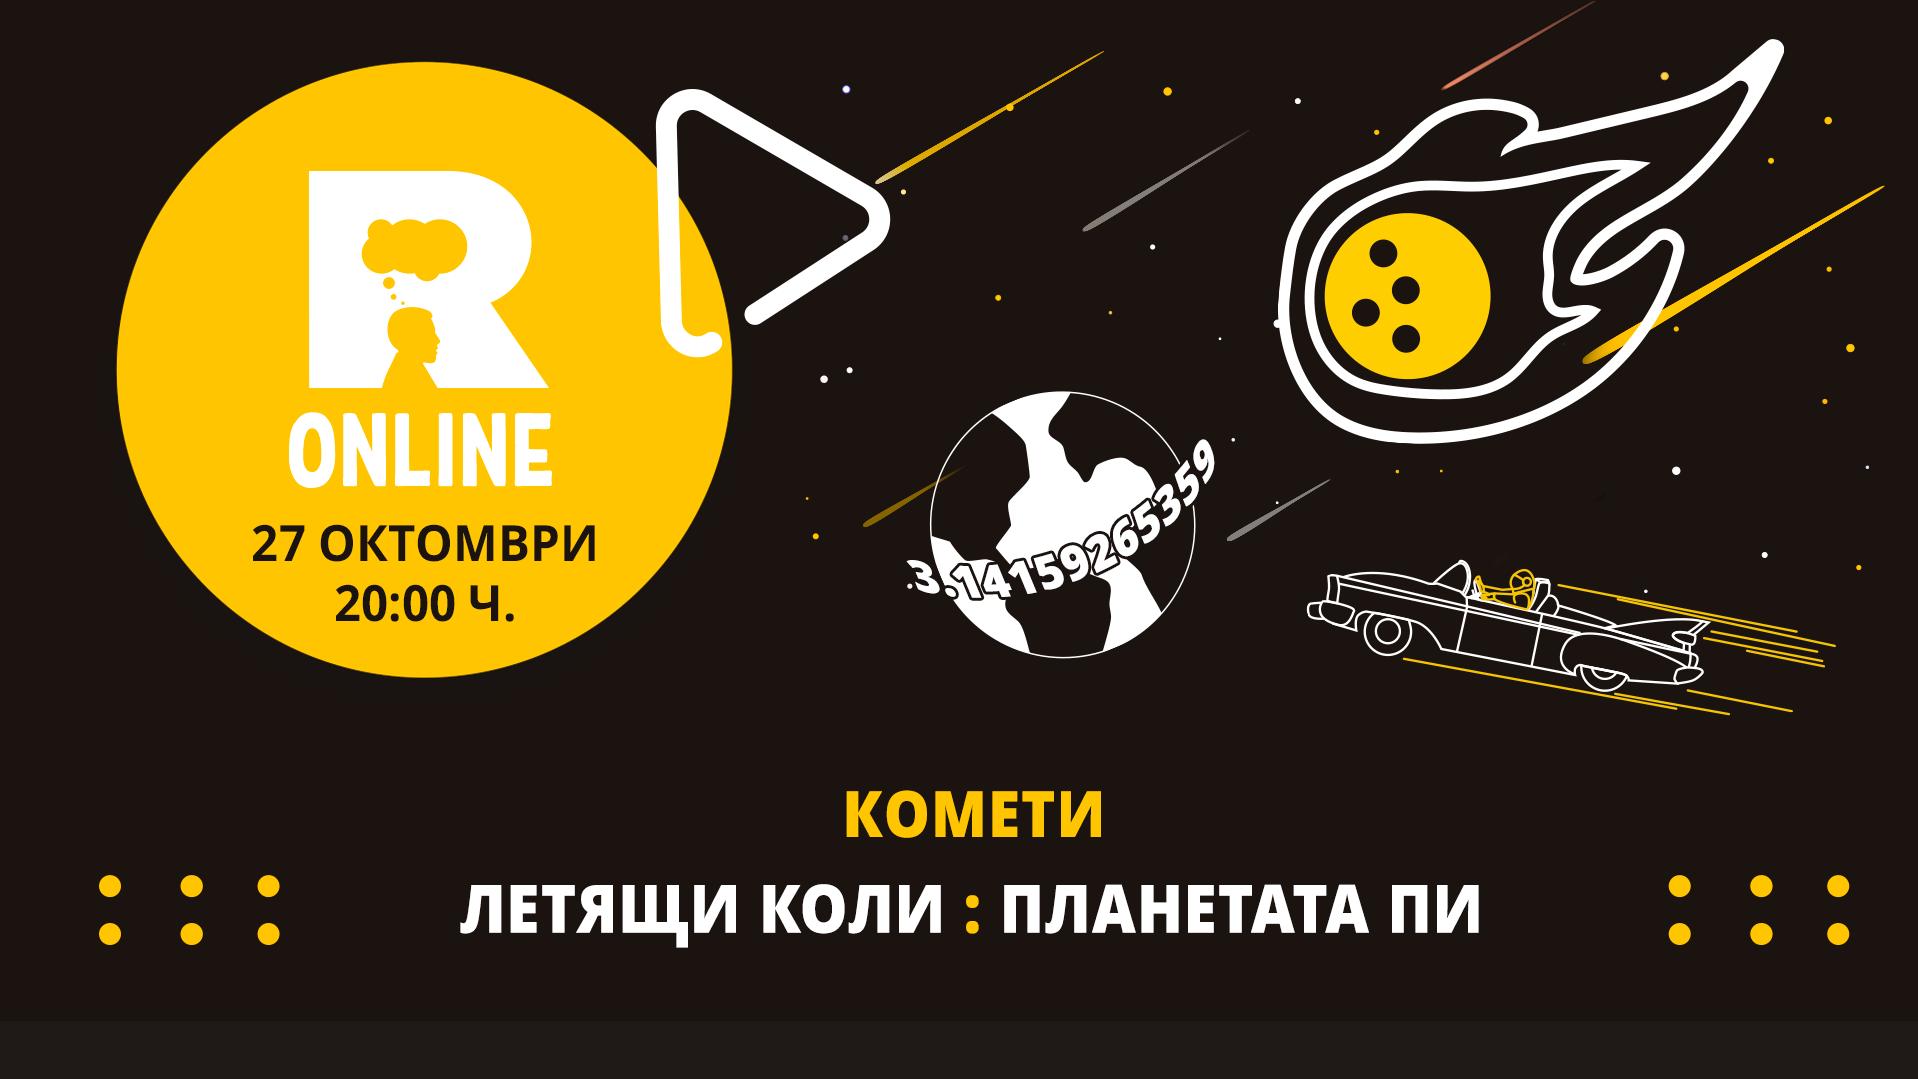 Ratio Online – Комети